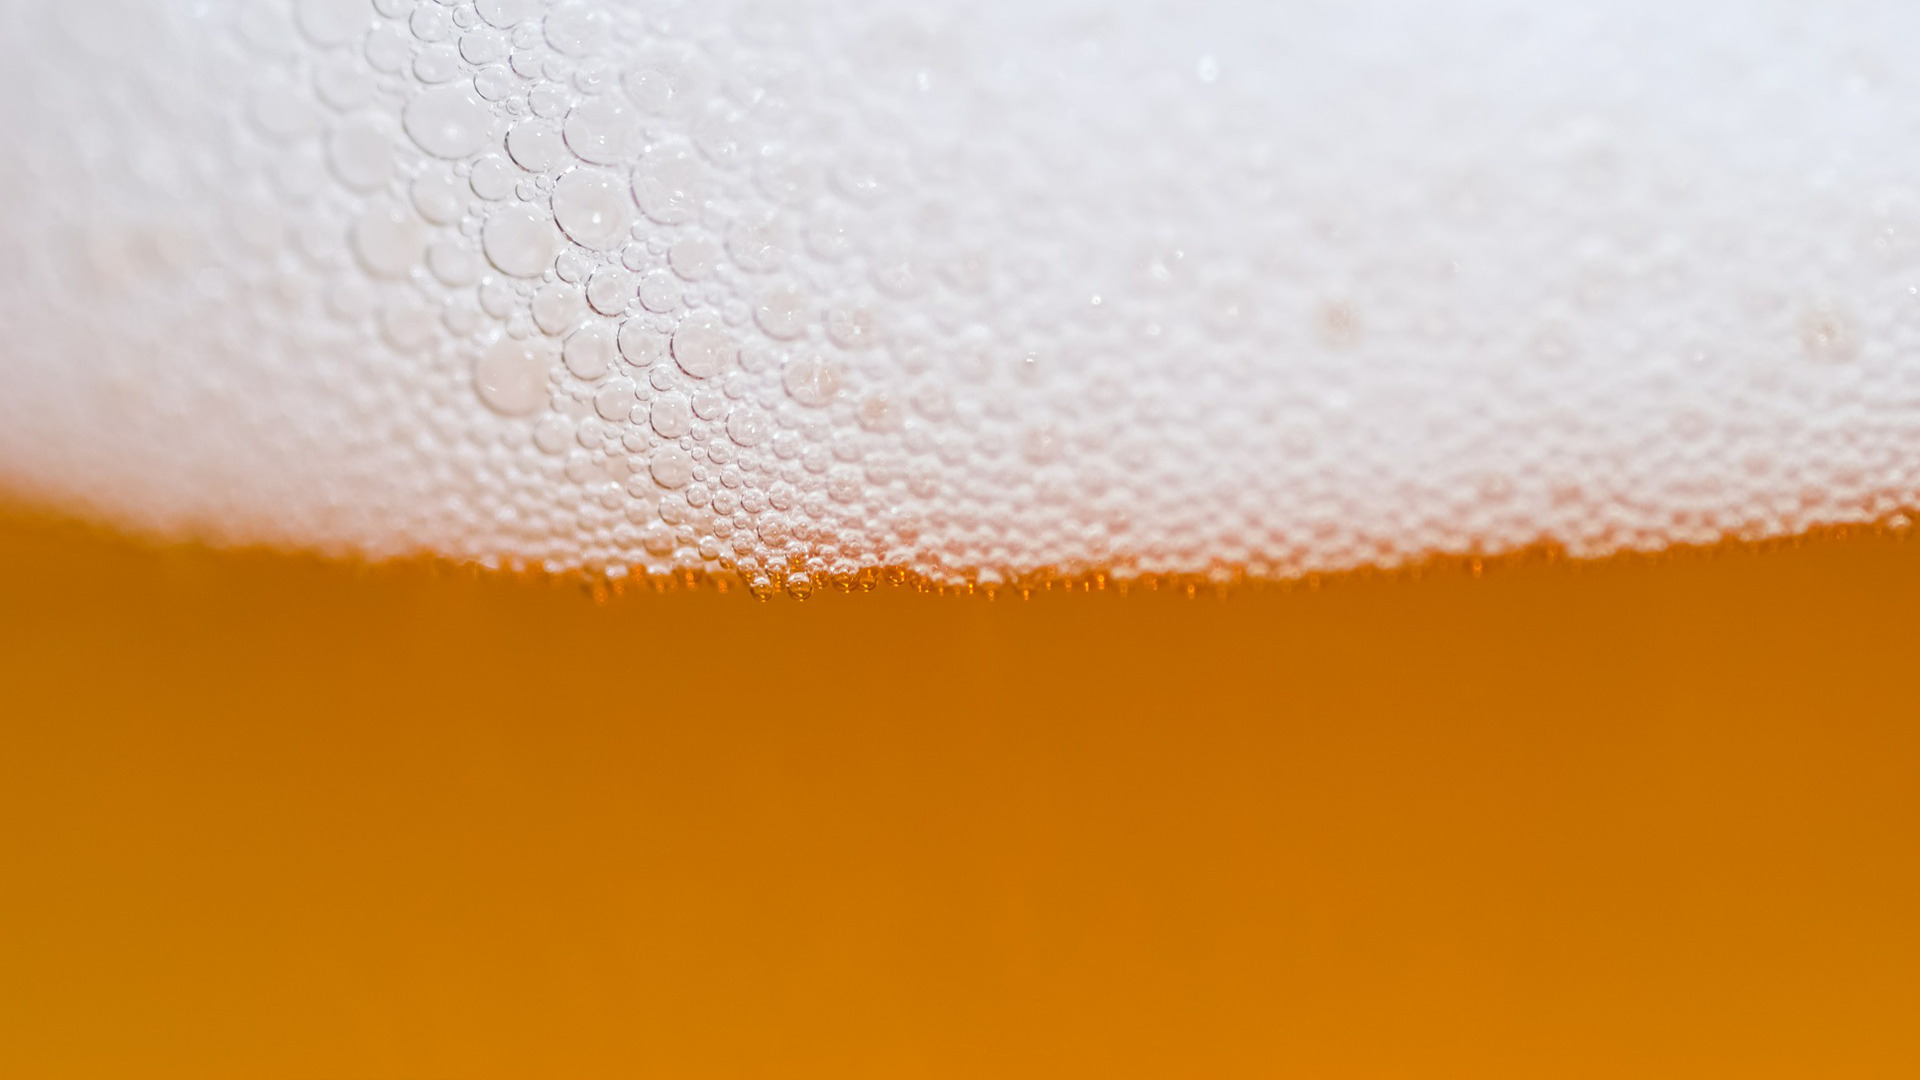 el-primer-balneario-de-cerveza-en-espana-esta-en-granada-1920